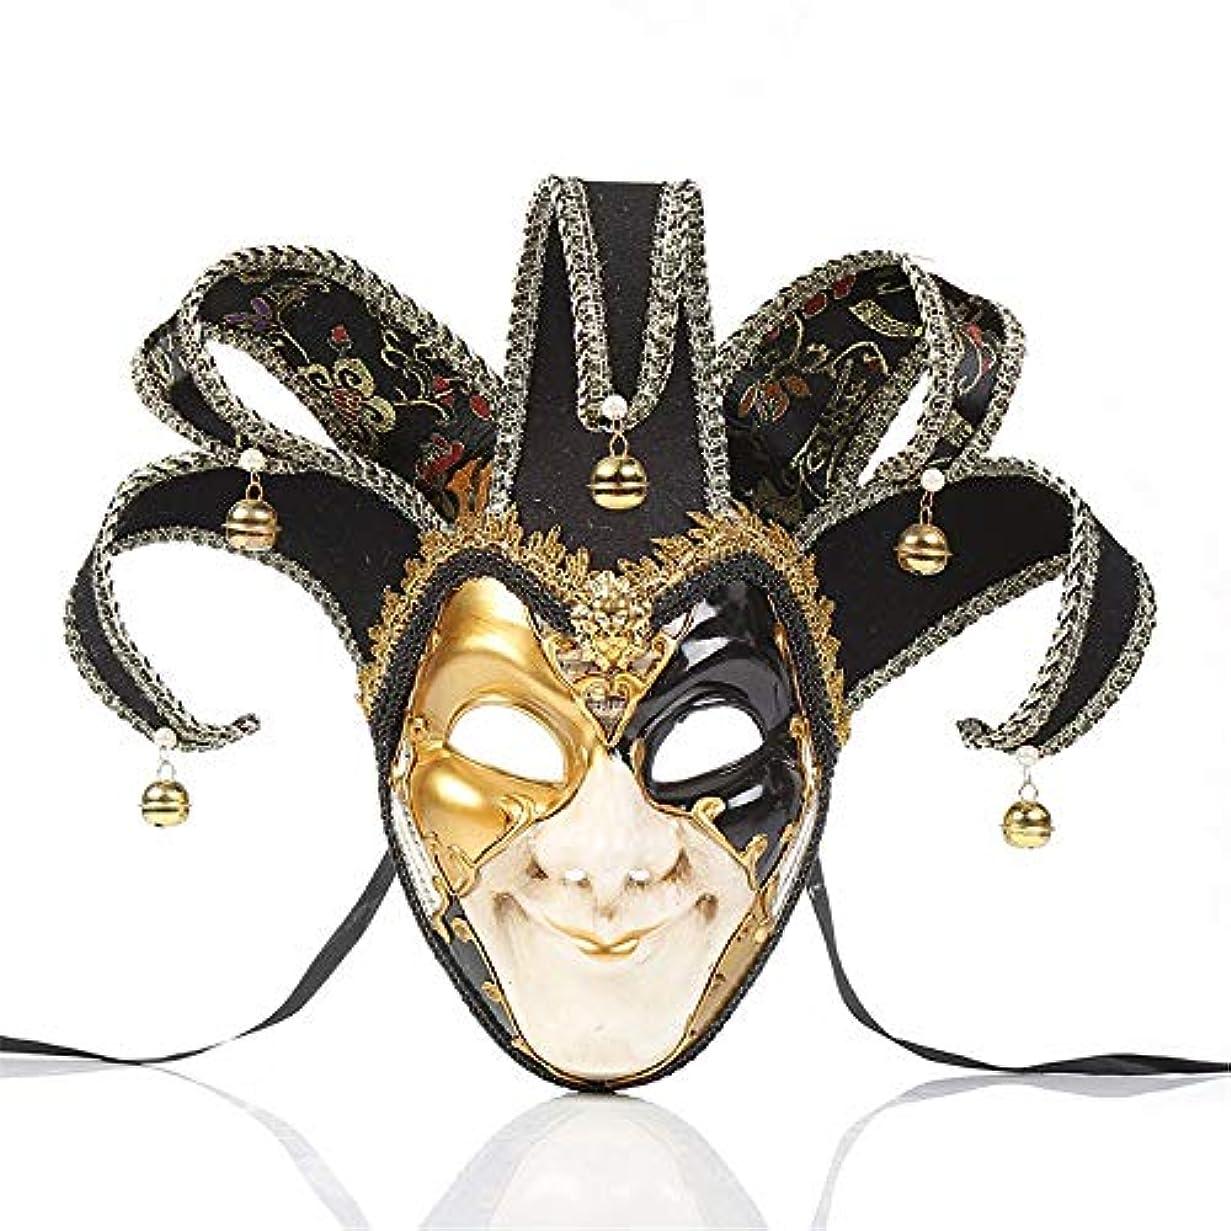 シーンマットレスマニフェストダンスマスク ピエロマスクハロウィーンパフォーマンスパフォーマンス仮面舞踏会雰囲気用品祭りロールプレイングプラスチックマスク ホリデーパーティー用品 (色 : ブラック, サイズ : 39x33cm)